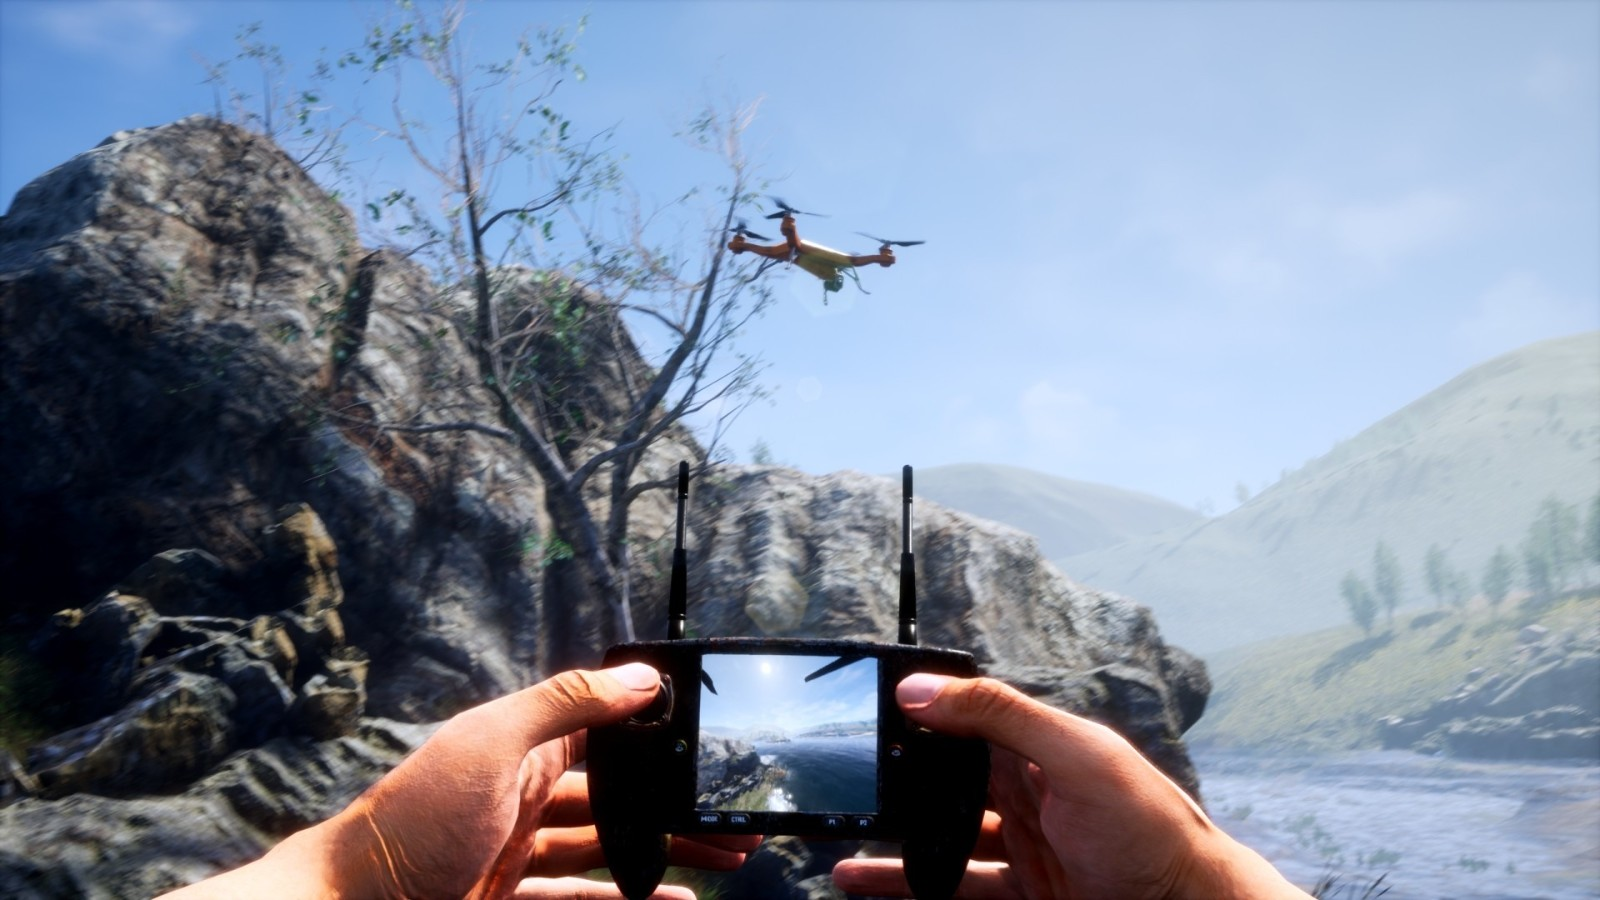 《宝藏猎人模拟器2》新预告 已上架Steam平台